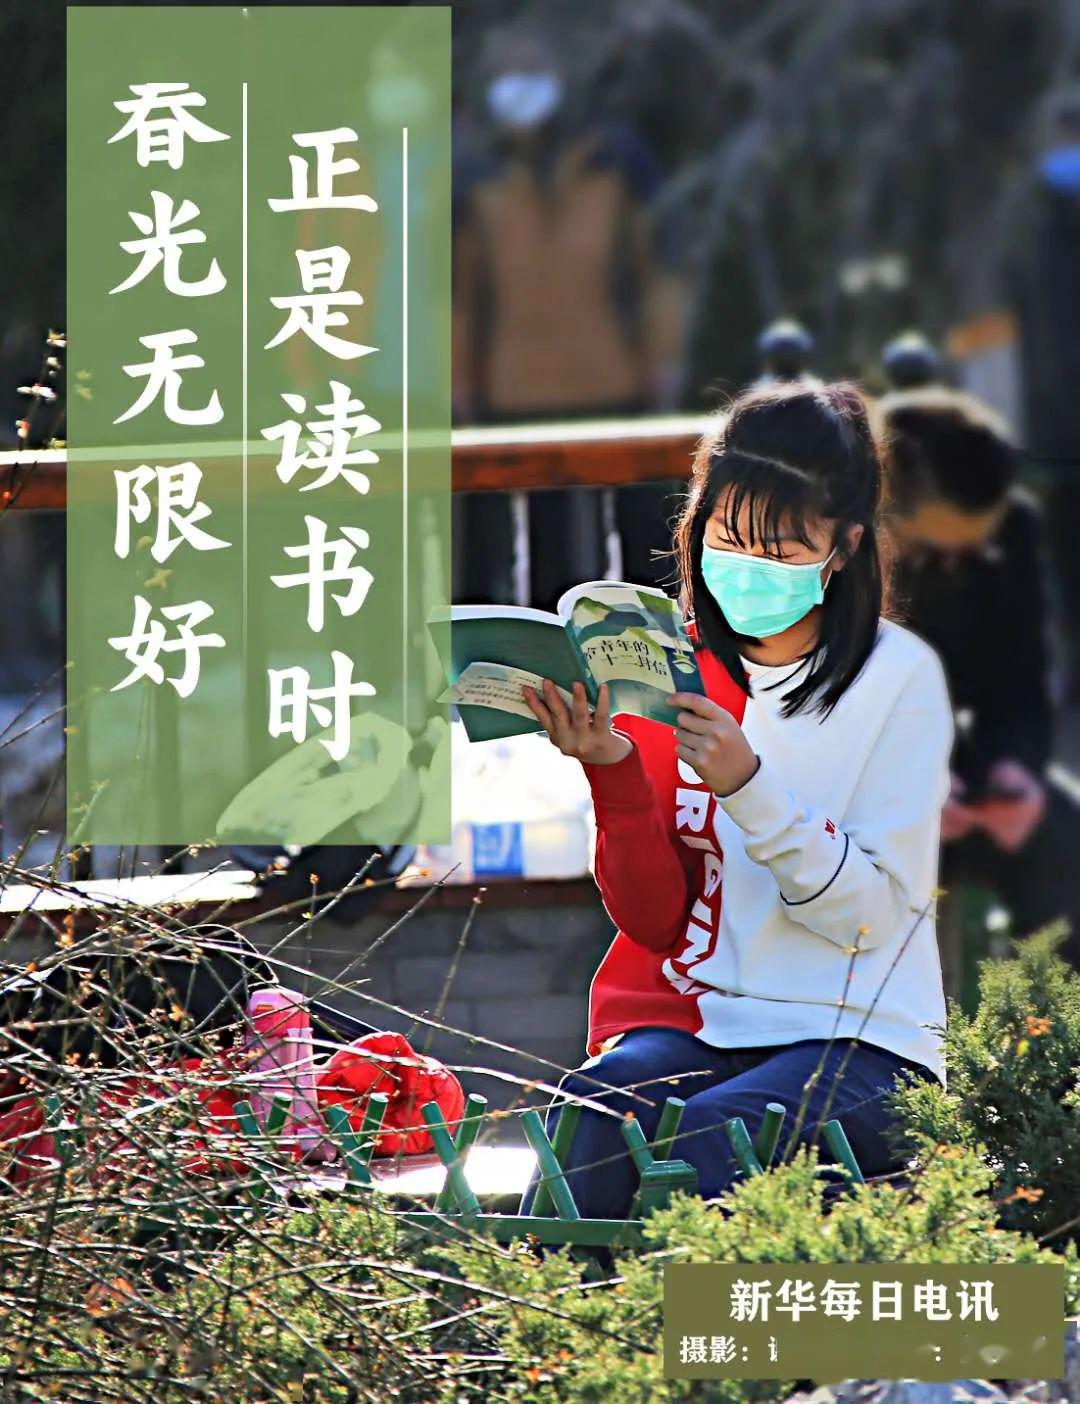 「疫情」我们能否更懂读书的意义? | 世界读书日·每日快评,经此一疫